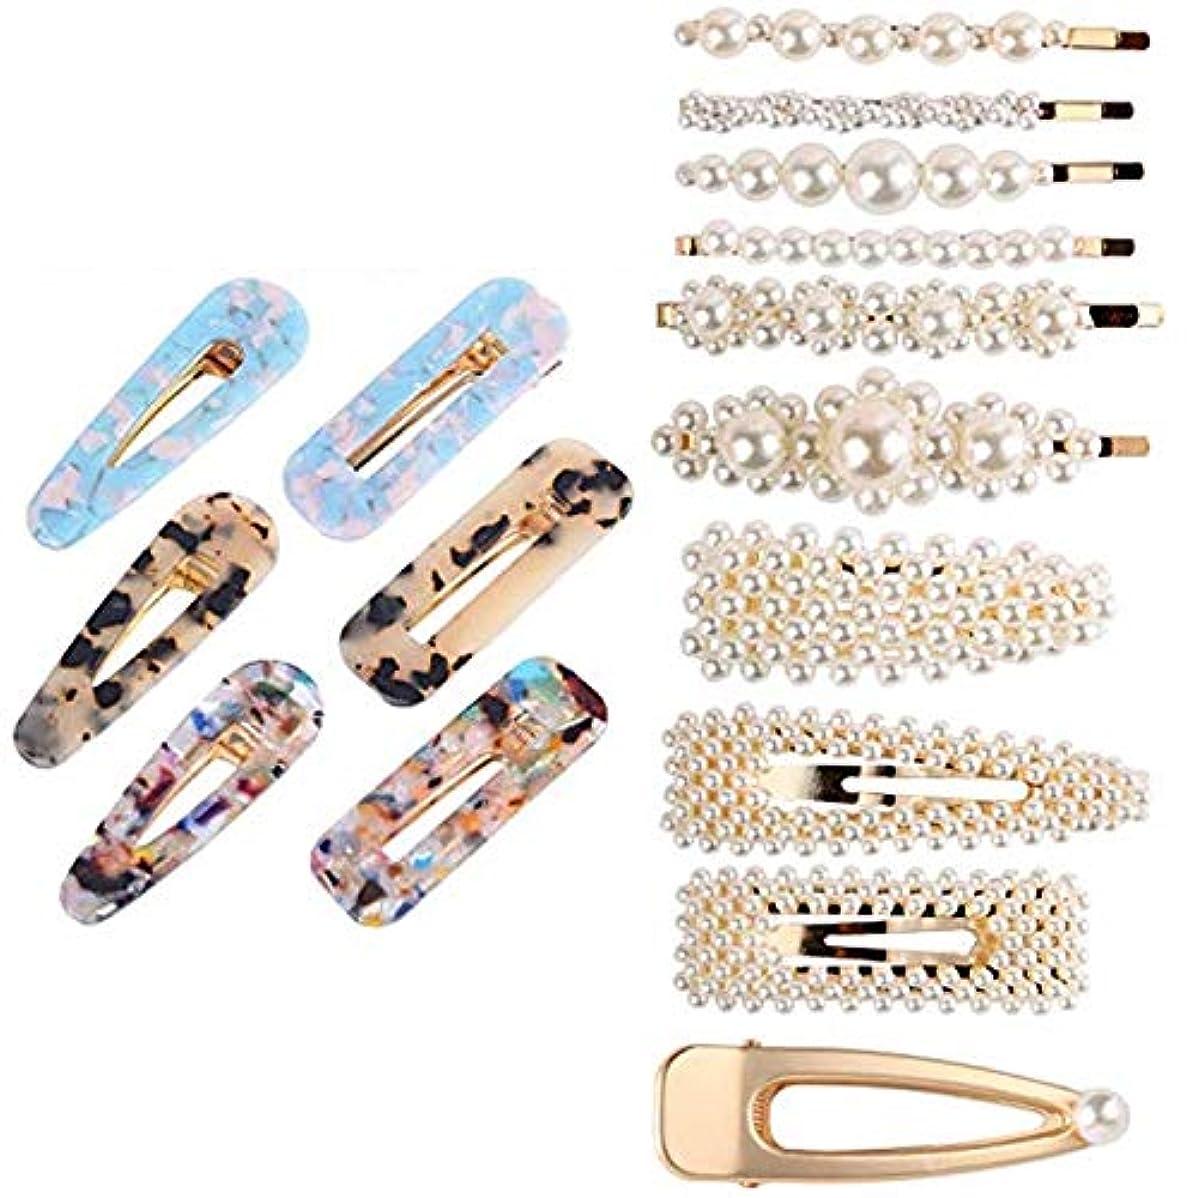 ええ光人口SODIAL 16個 真珠のヘアクリップ アクリル樹脂のワニのヘアクリップセット 女性用女の子ヘアアクセサリー 結び/クリップ/ヘアピン帽子バレットスタイリングツール